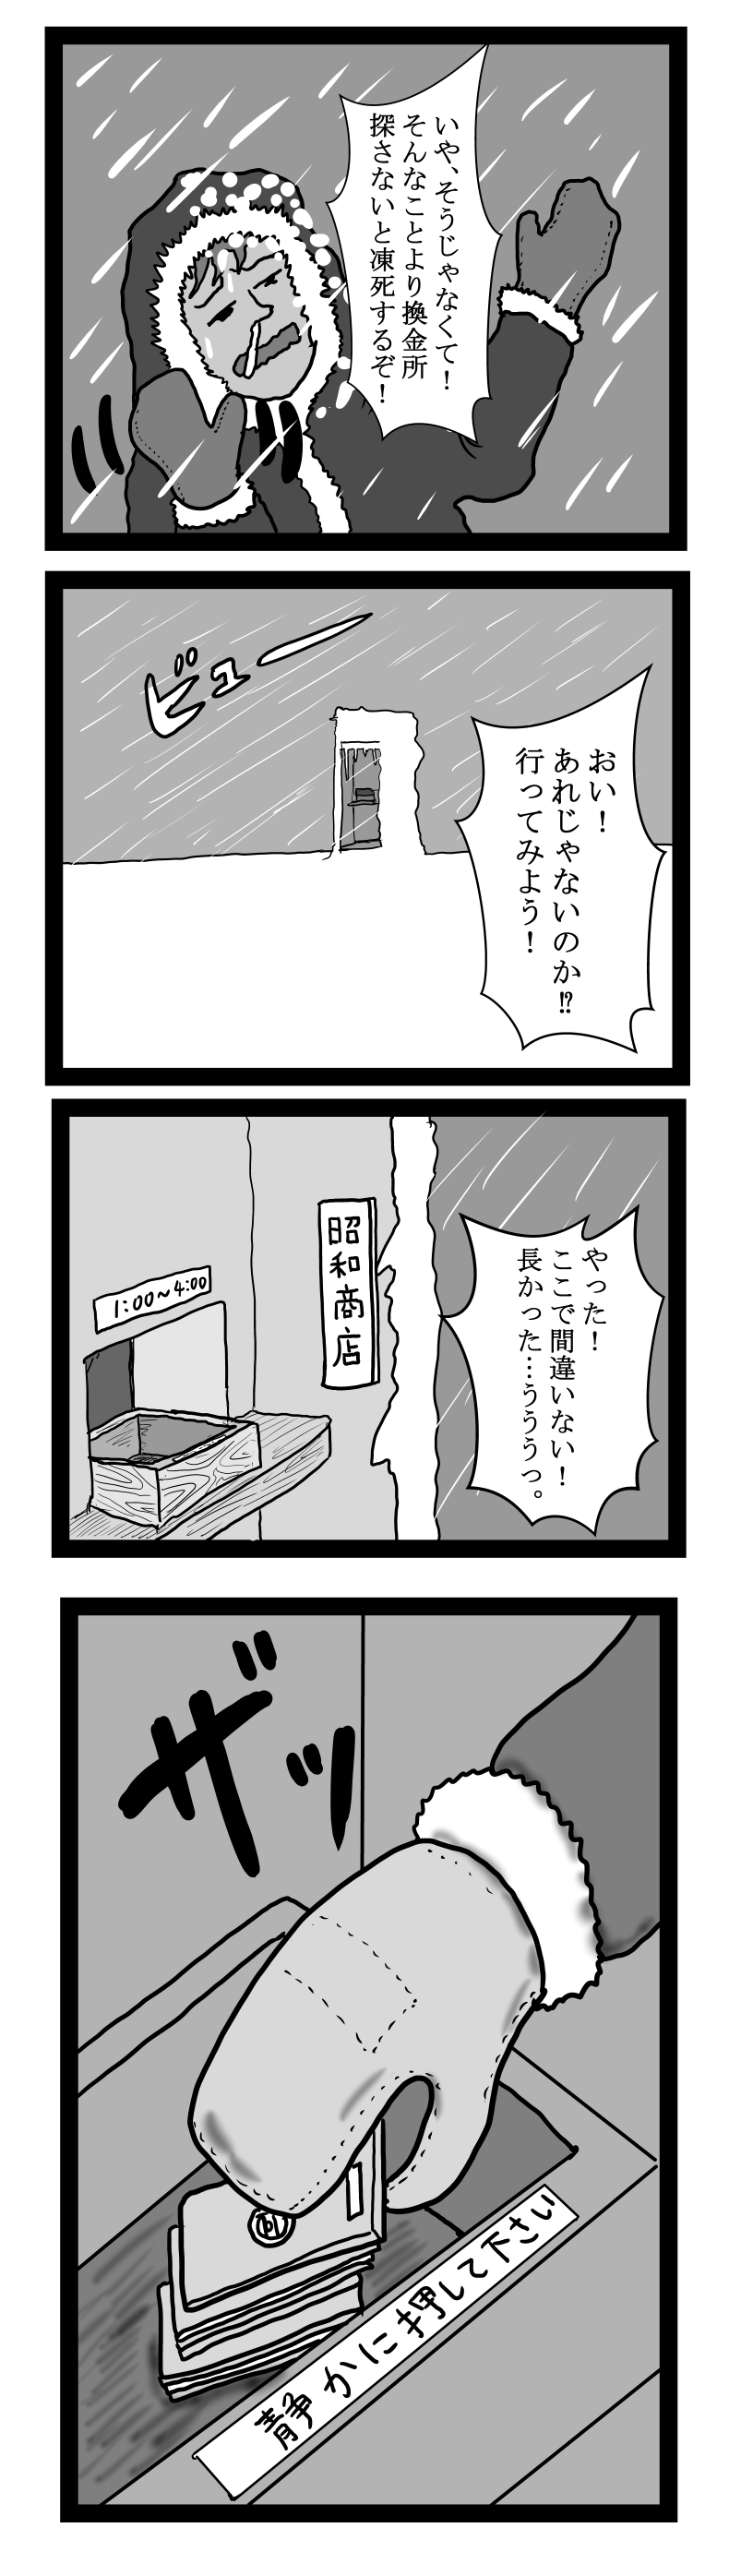 WEBパチスロ漫画 7ページ